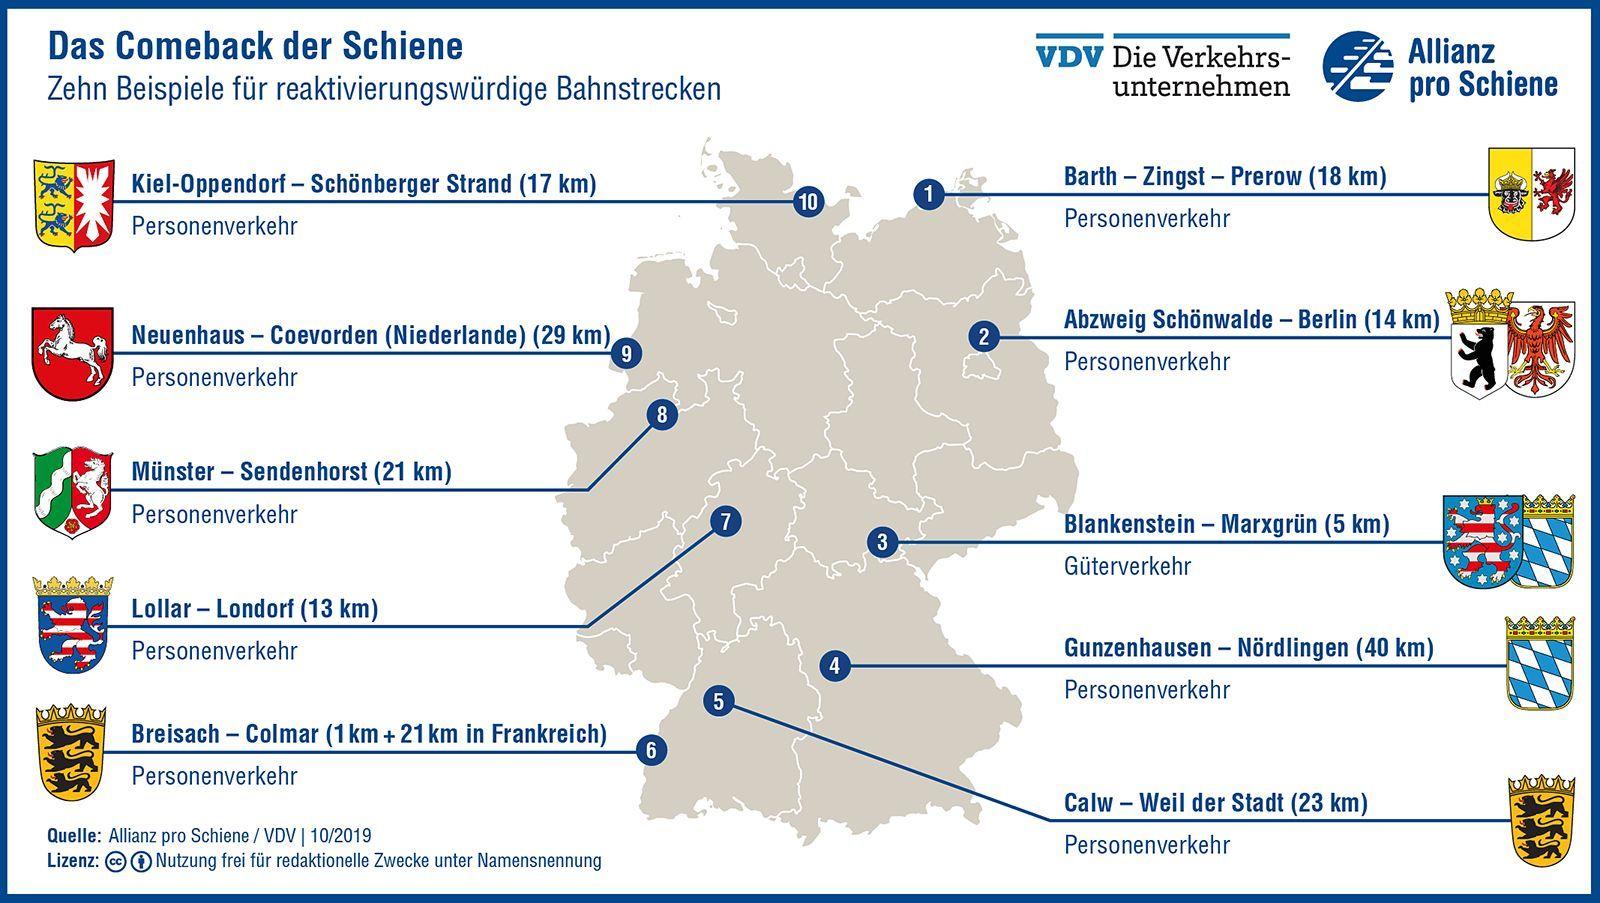 10 Vorschläge für die Reaktivierung von Bahnstrecken in Deutschland